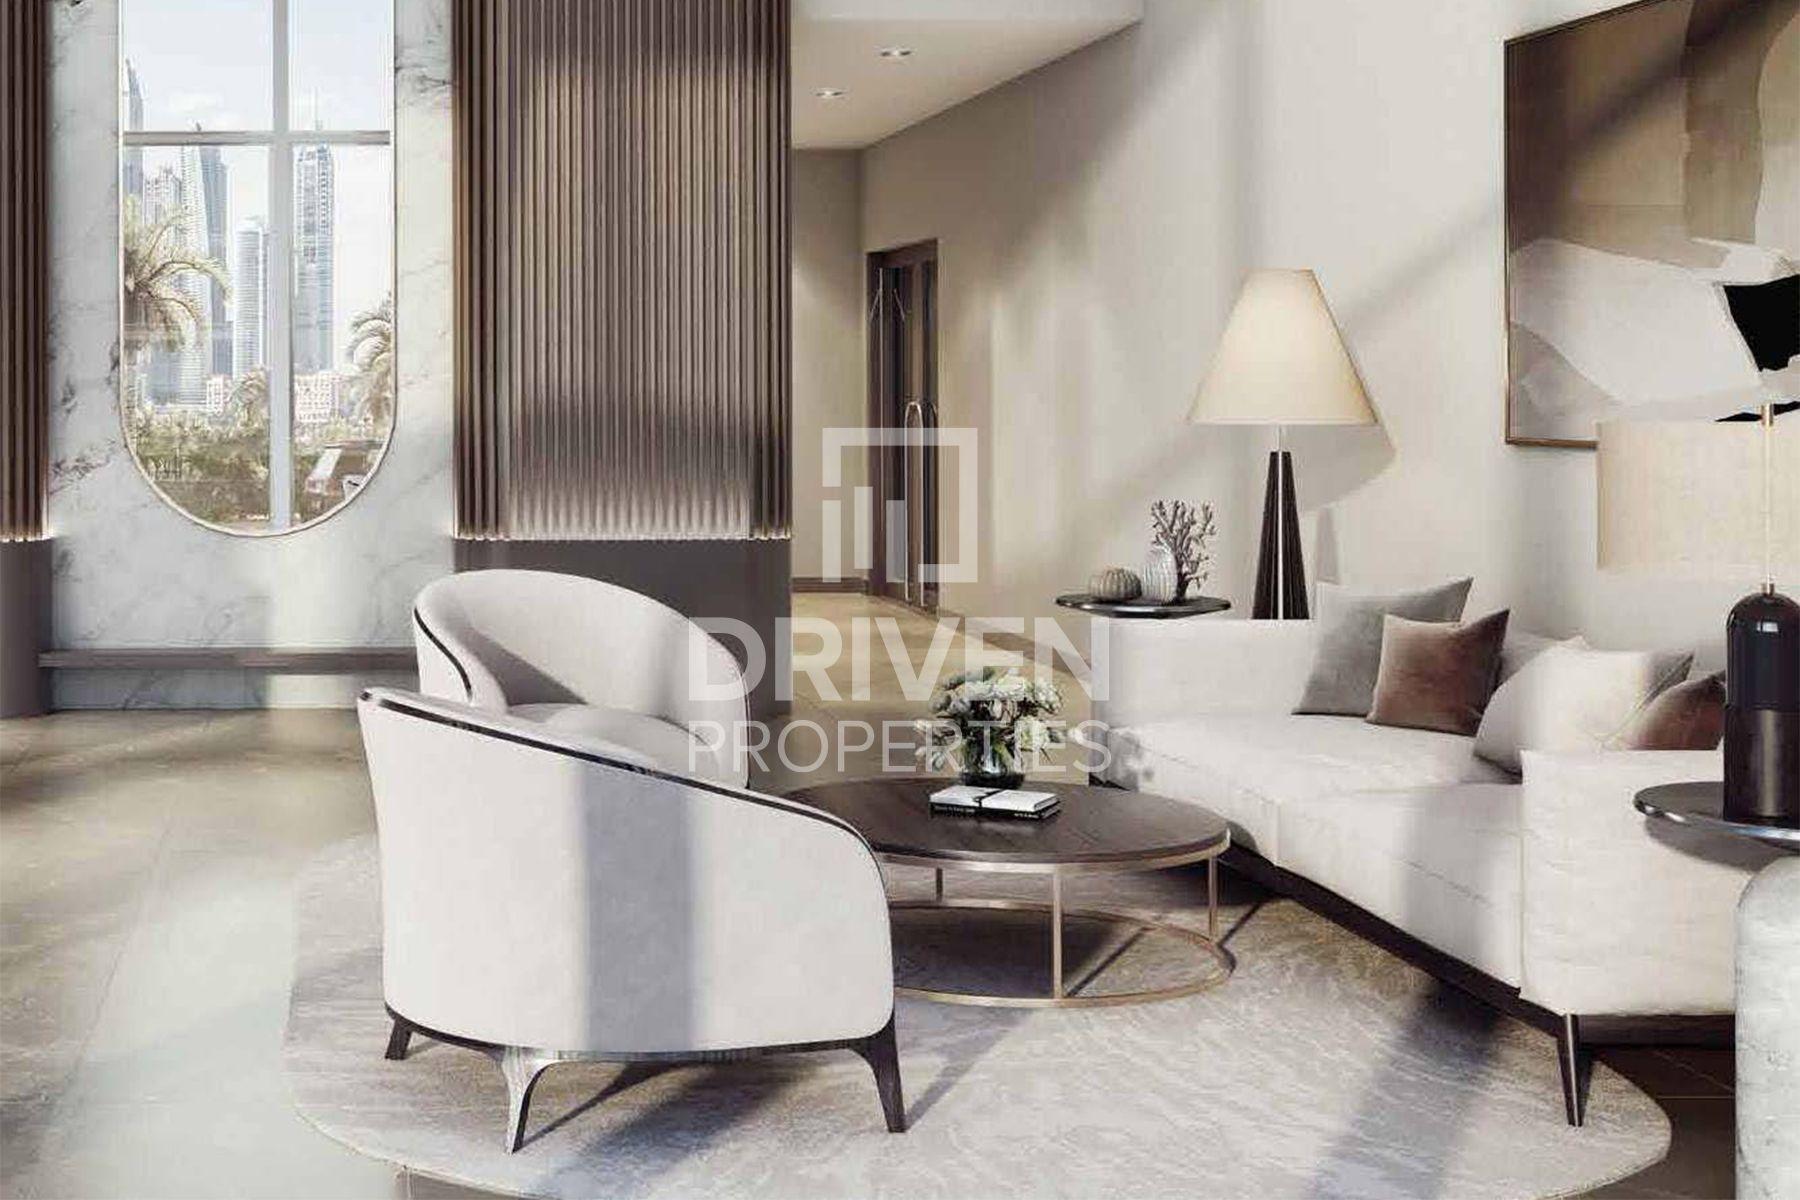 1,856 قدم مربع  شقة - للبيع - دبي هاربور